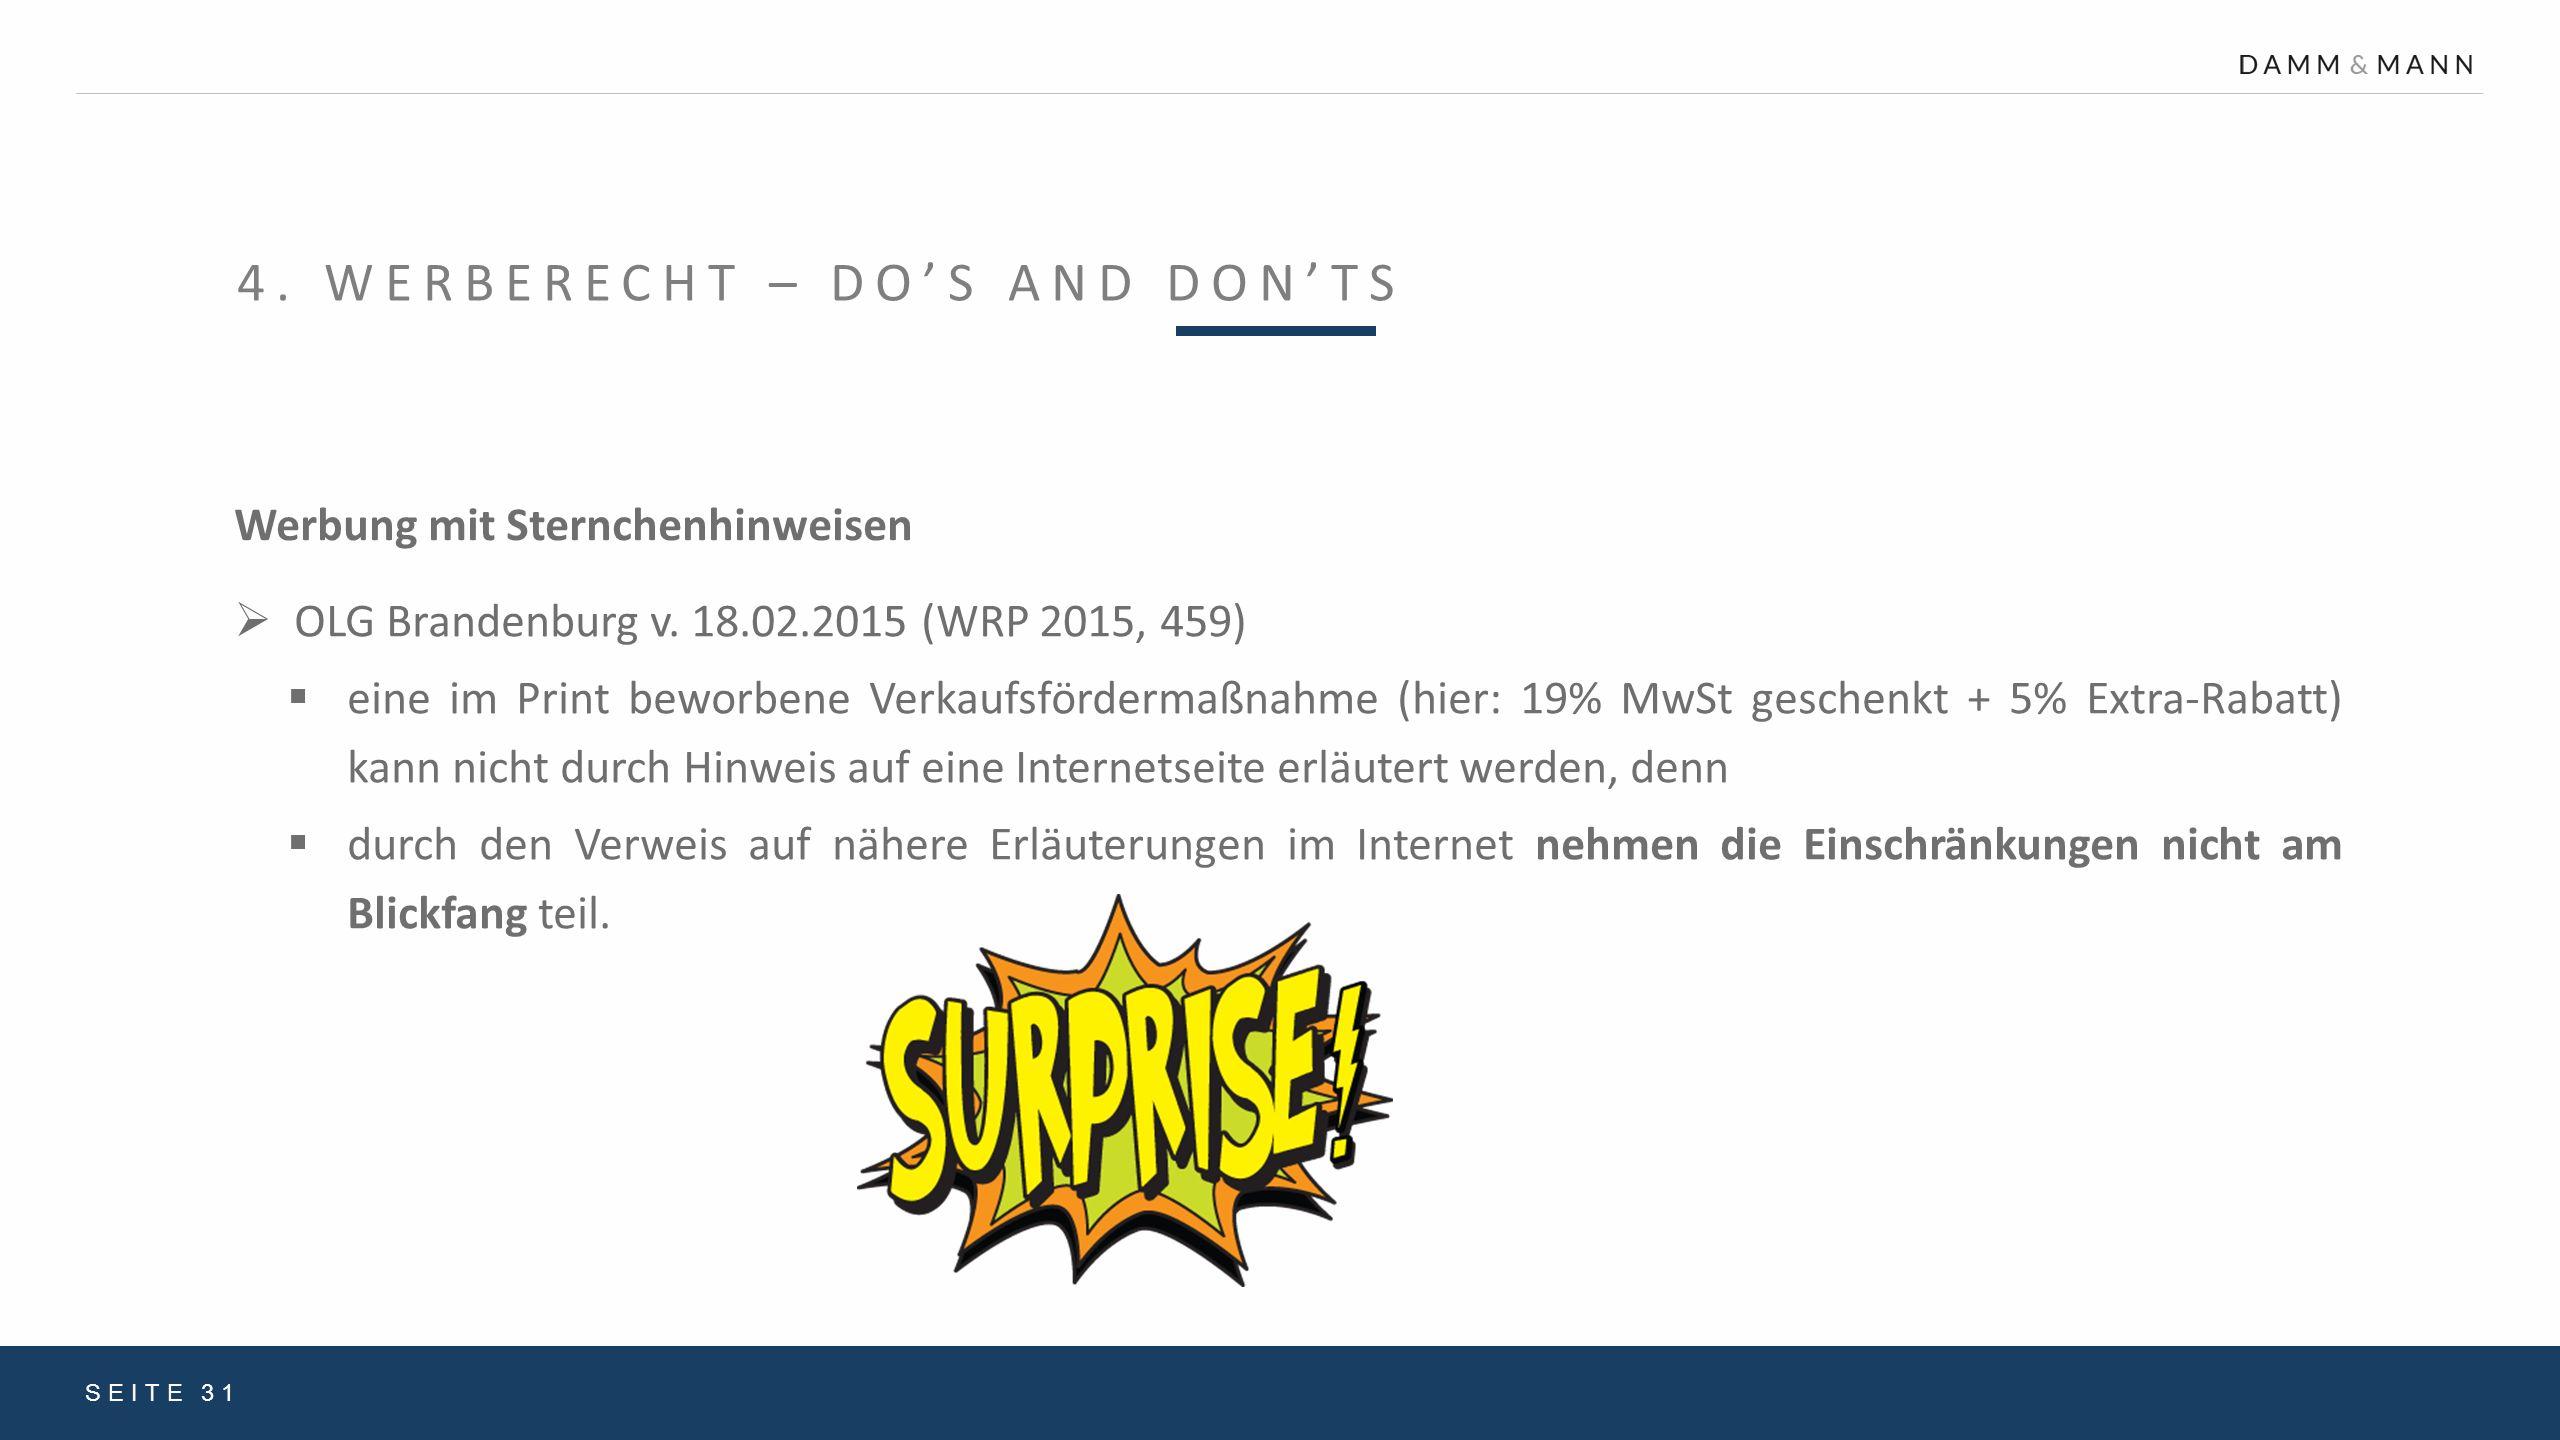 4. WERBERECHT – DO'S AND DON'TS SEITE 31 Werbung mit Sternchenhinweisen  OLG Brandenburg v. 18.02.2015 (WRP 2015, 459)  eine im Print beworbene Verk